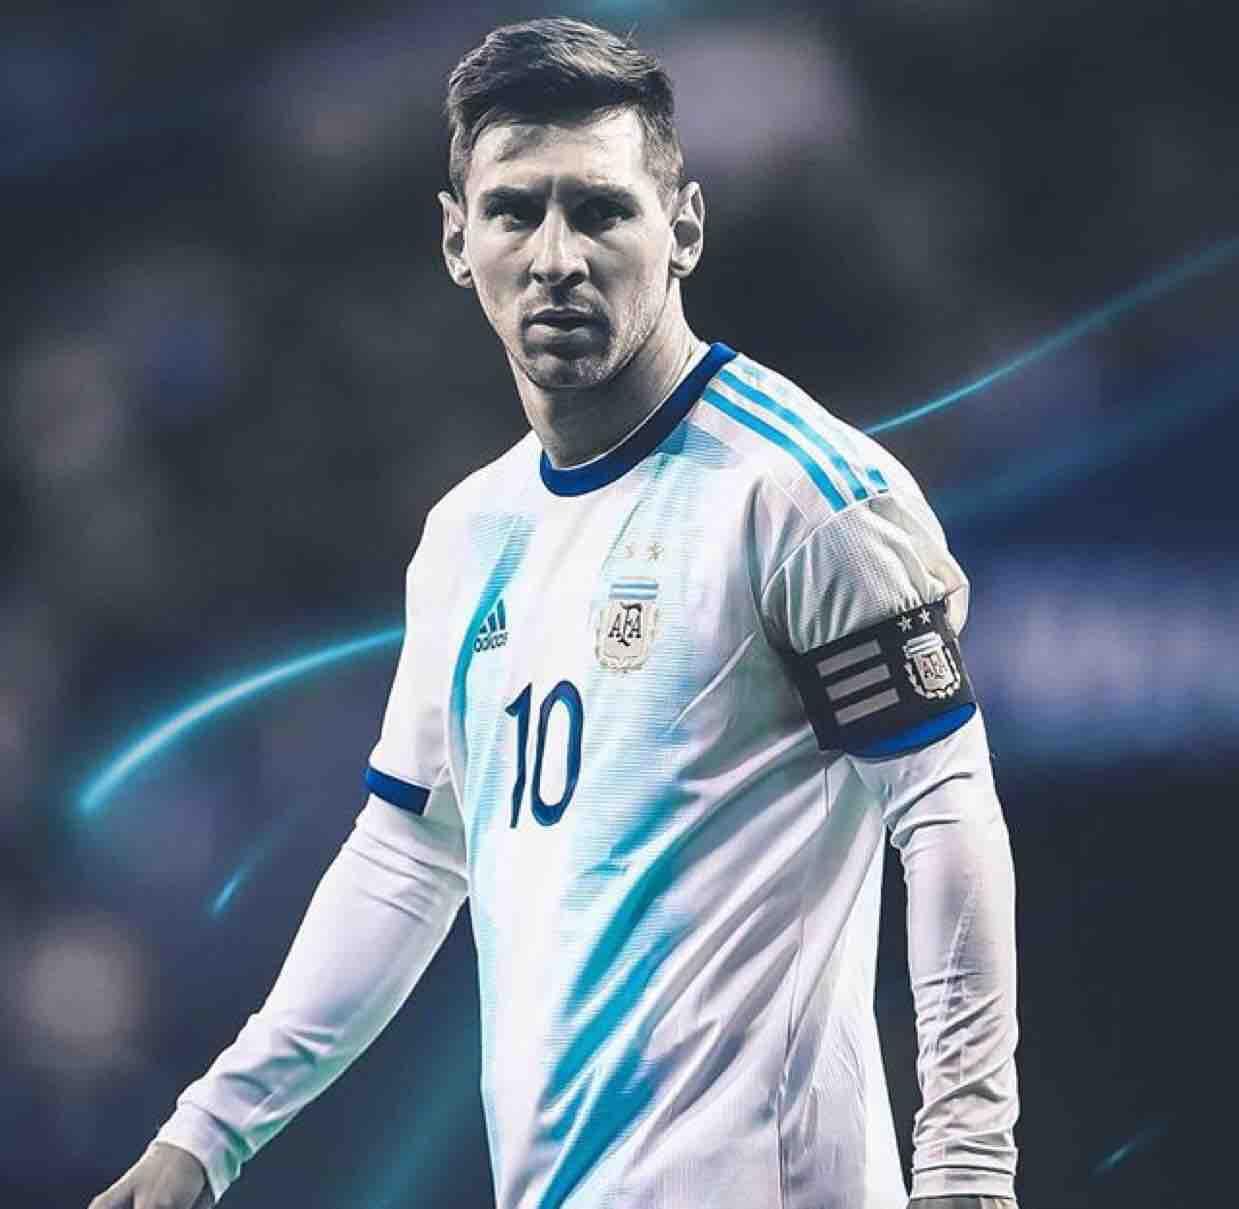 美洲杯冠军阿根廷